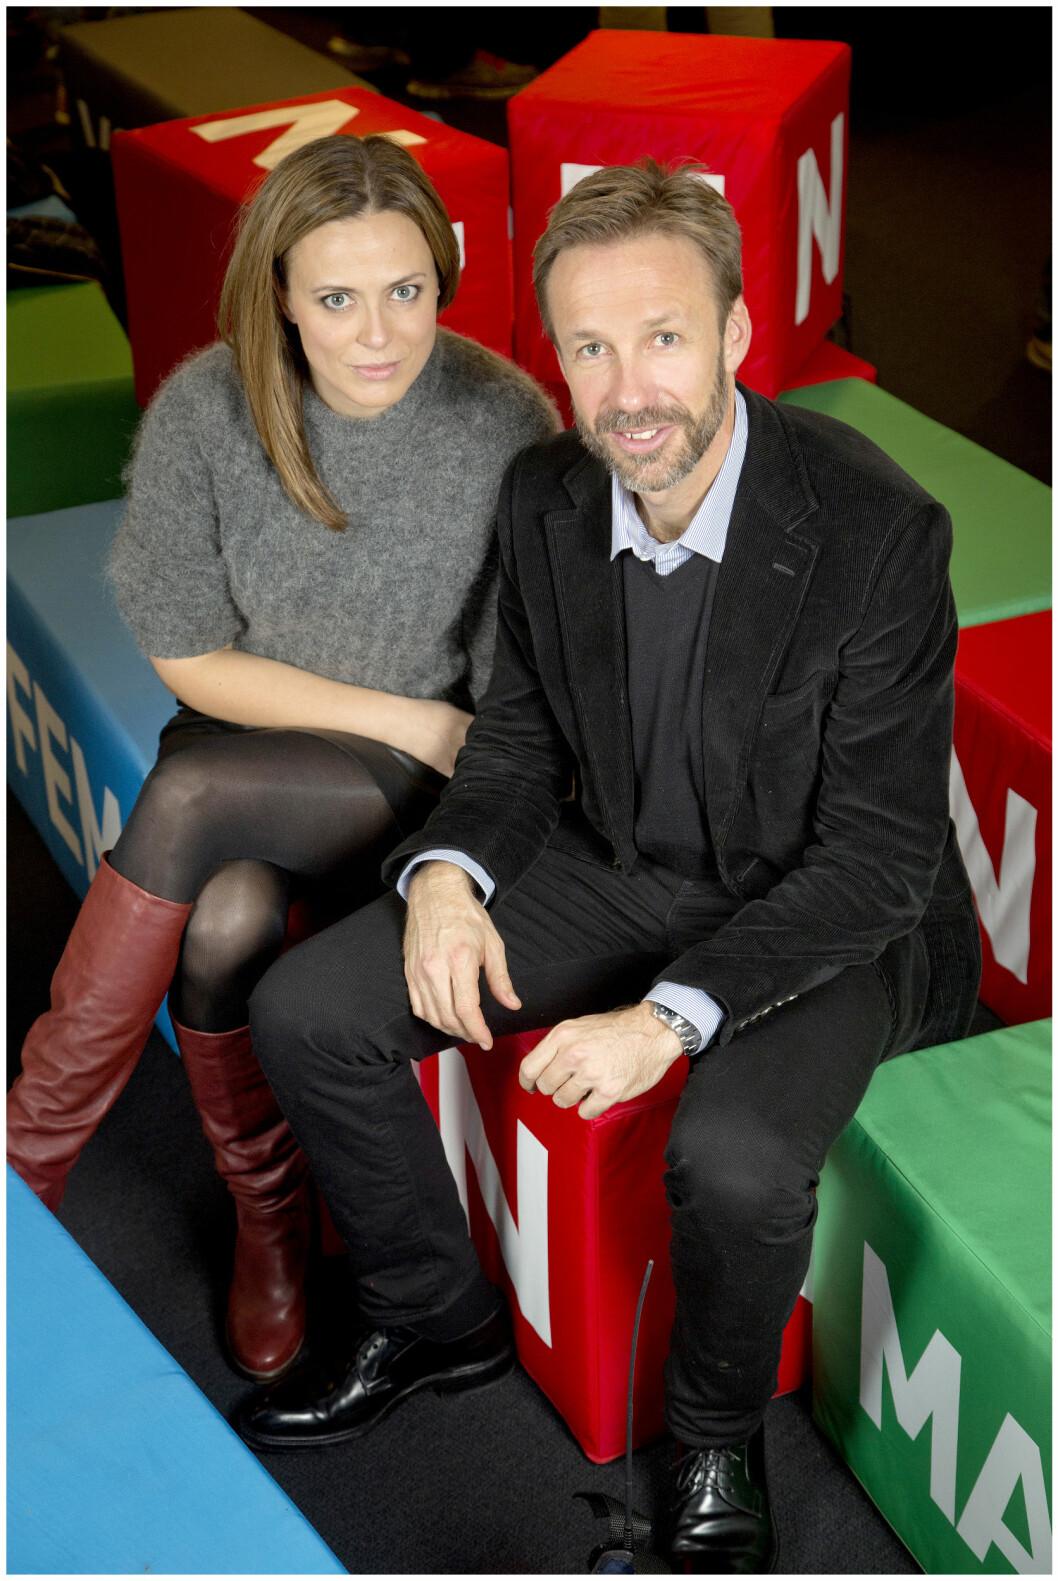 - SAMMEN I SERIEN: Thomas Giertsen og Ine Jansen spiller kjærestepar i TVNorge-serien «Helt perfekt».